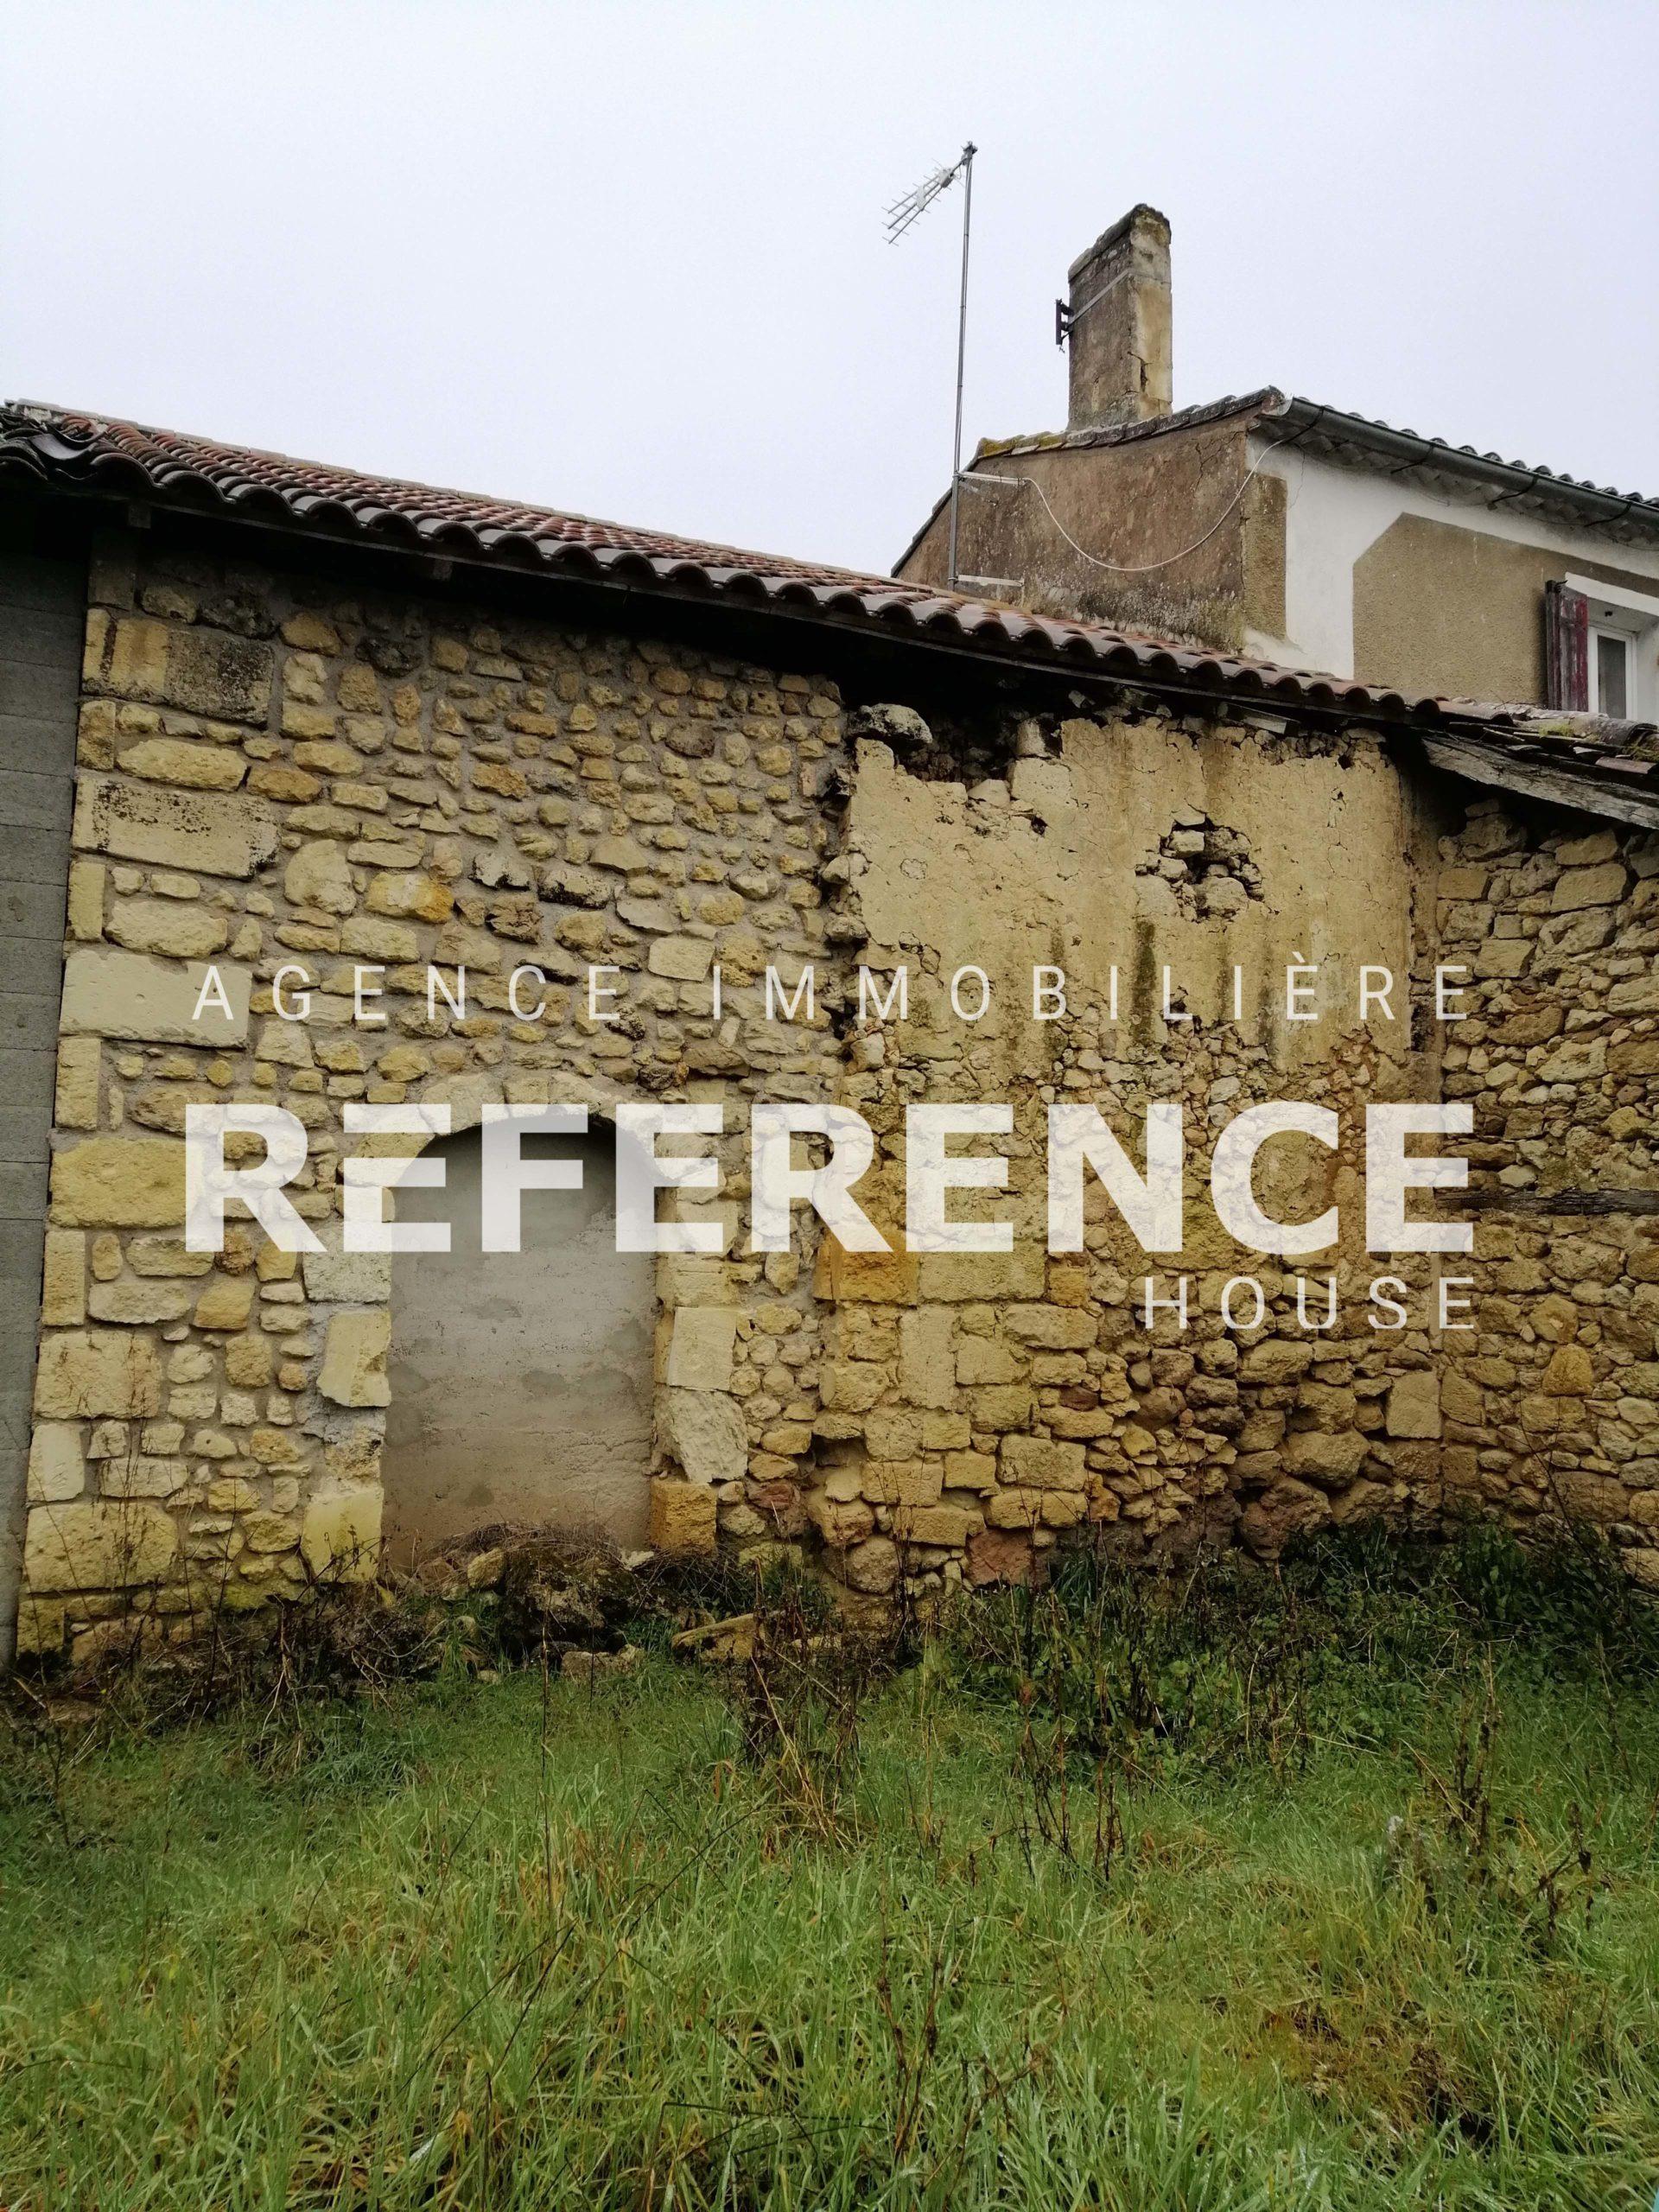 Maison à vendre localisée sur la commune de Romagne - Agence REFERENCE House